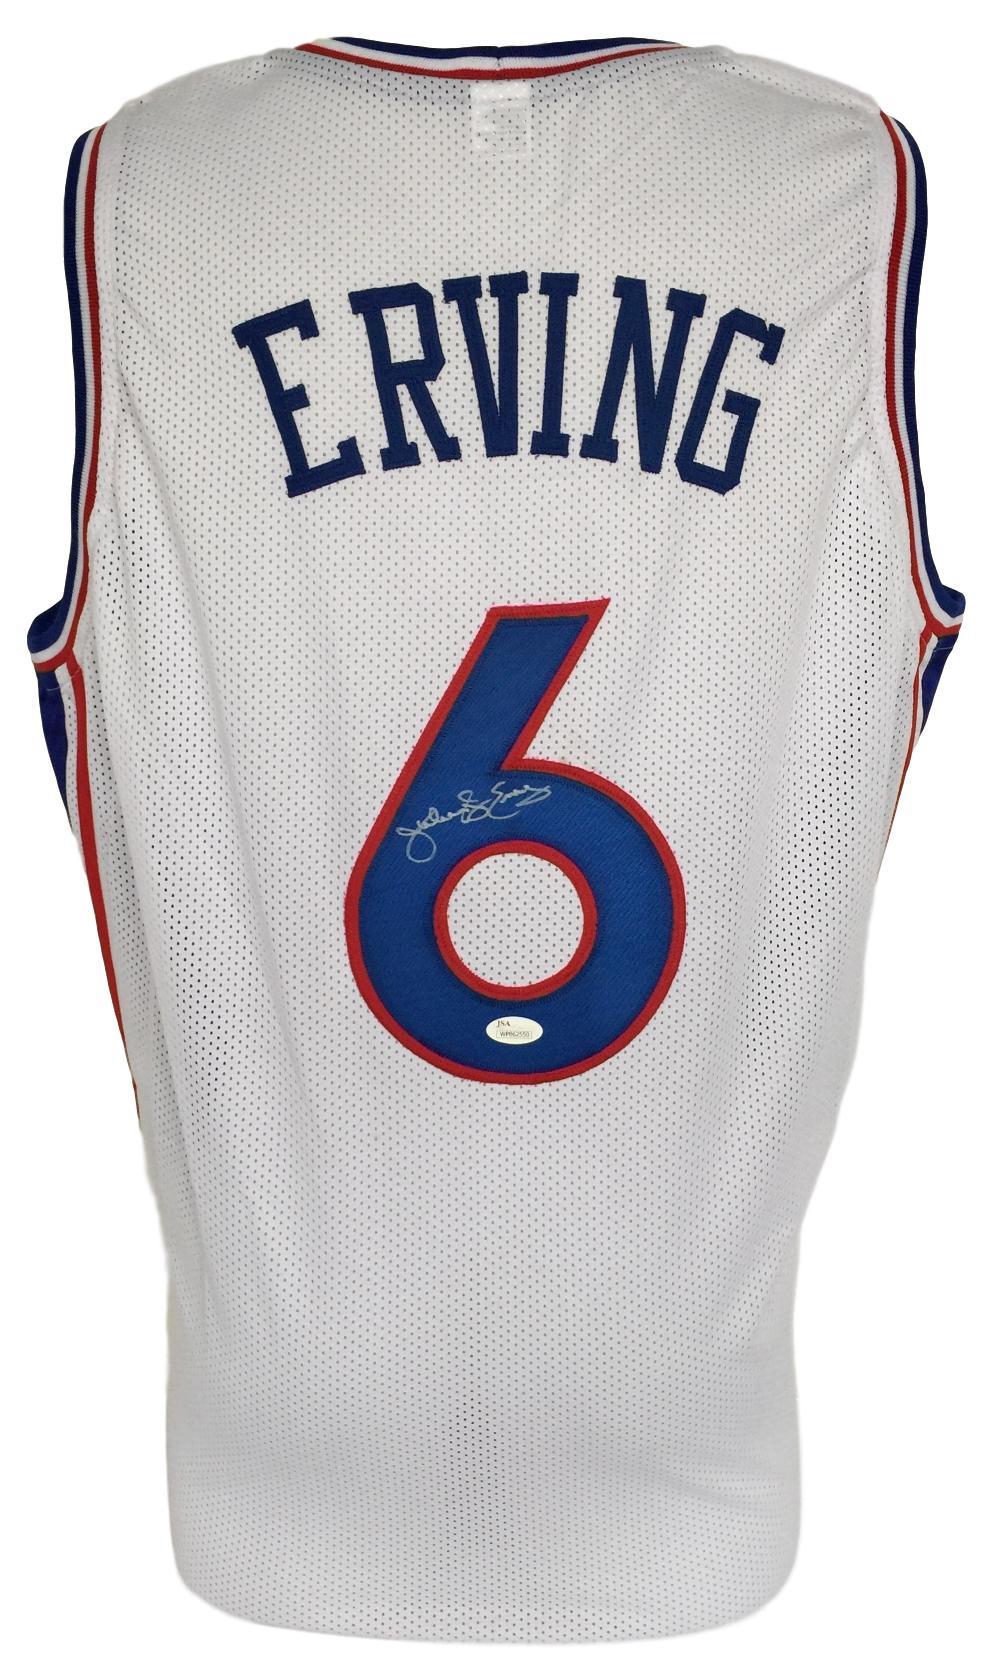 timeless design 57fcf 96fe3 Details about Julius Dr J Erving Signed Custom White Pro-Style Basketball  Jersey JSA ITP